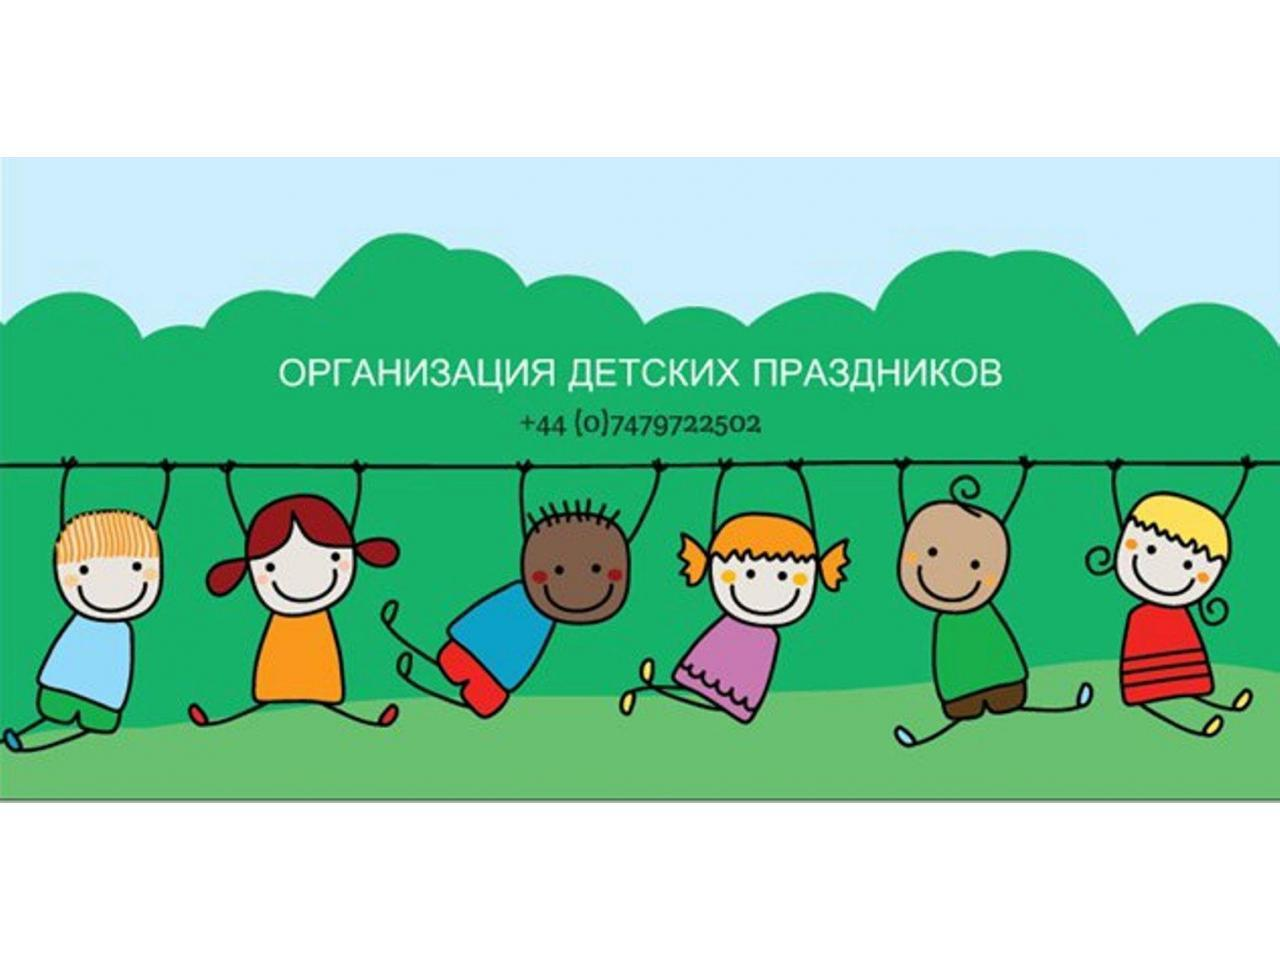 Лучшие праздники для ваших деток  на русском и английском в Лондоне - 3